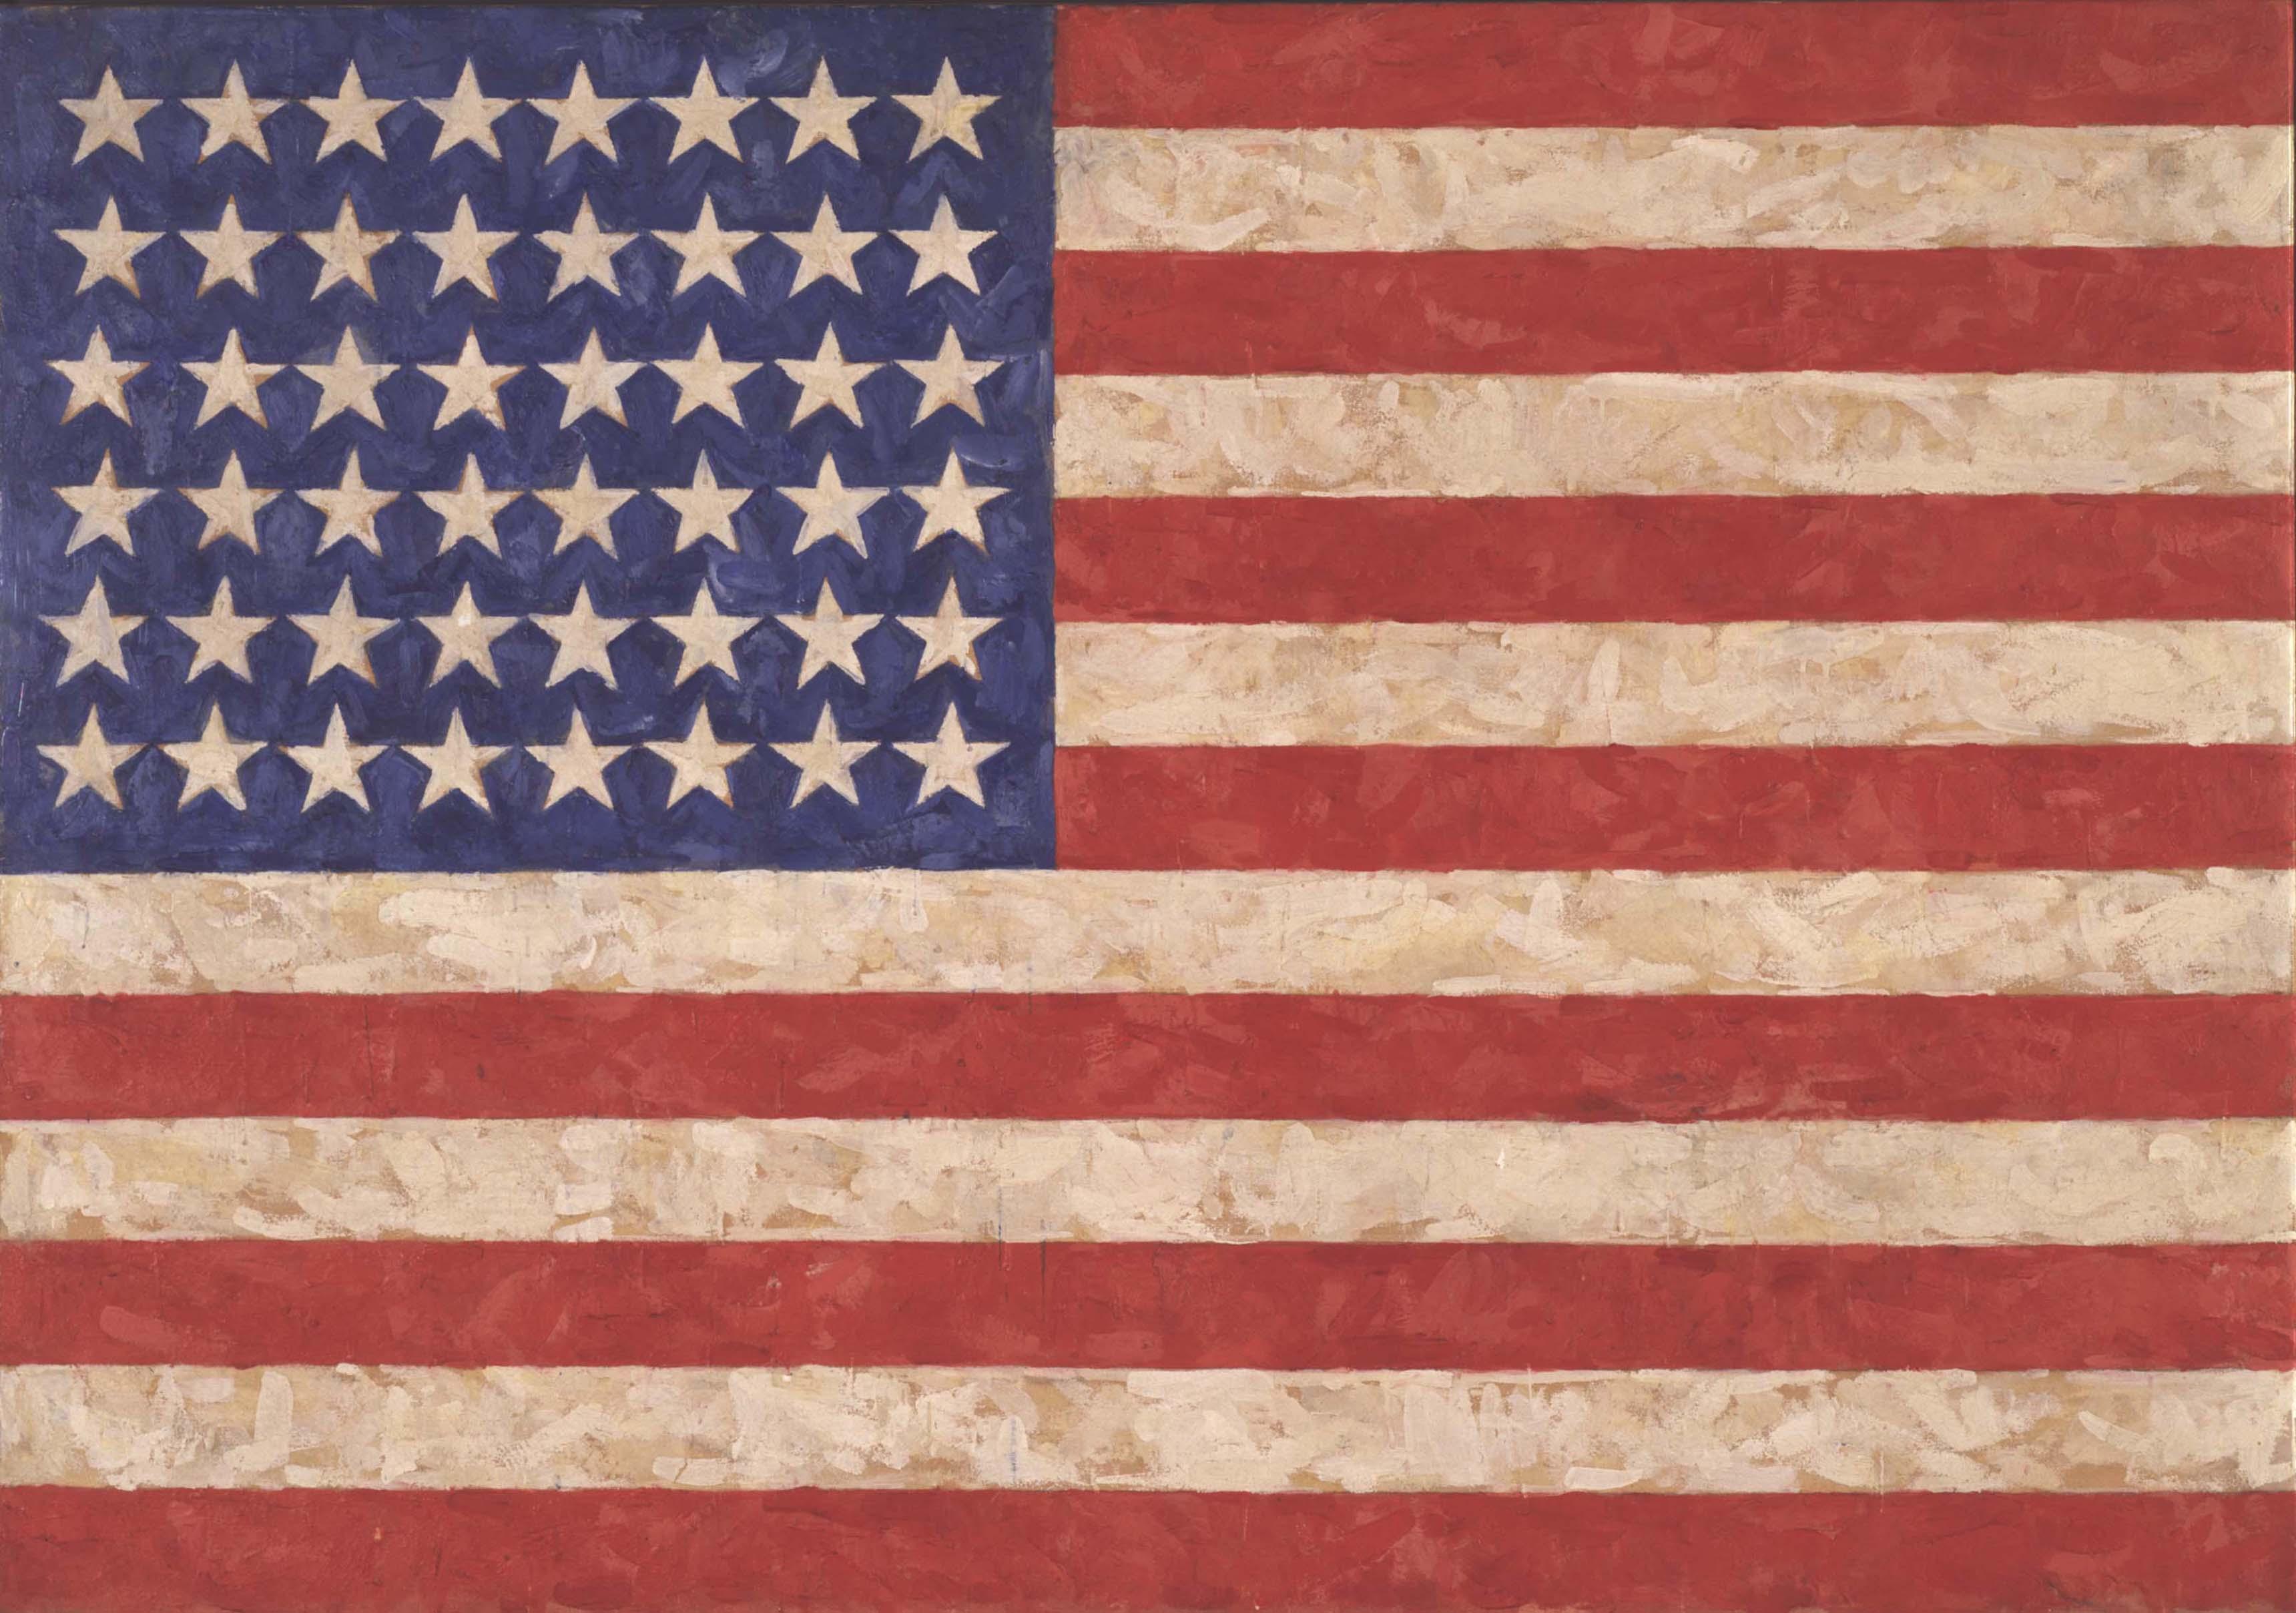 Jasper Johns, Flag, 1958. Encaustic on canvas. 105.1 x 154.9 cm. Private collection © Jasper Johns / VAGA, New York / DACS, London 2017. Photo: Jamie Stukenberg © The Wildenstein Plattner Institute, 2017